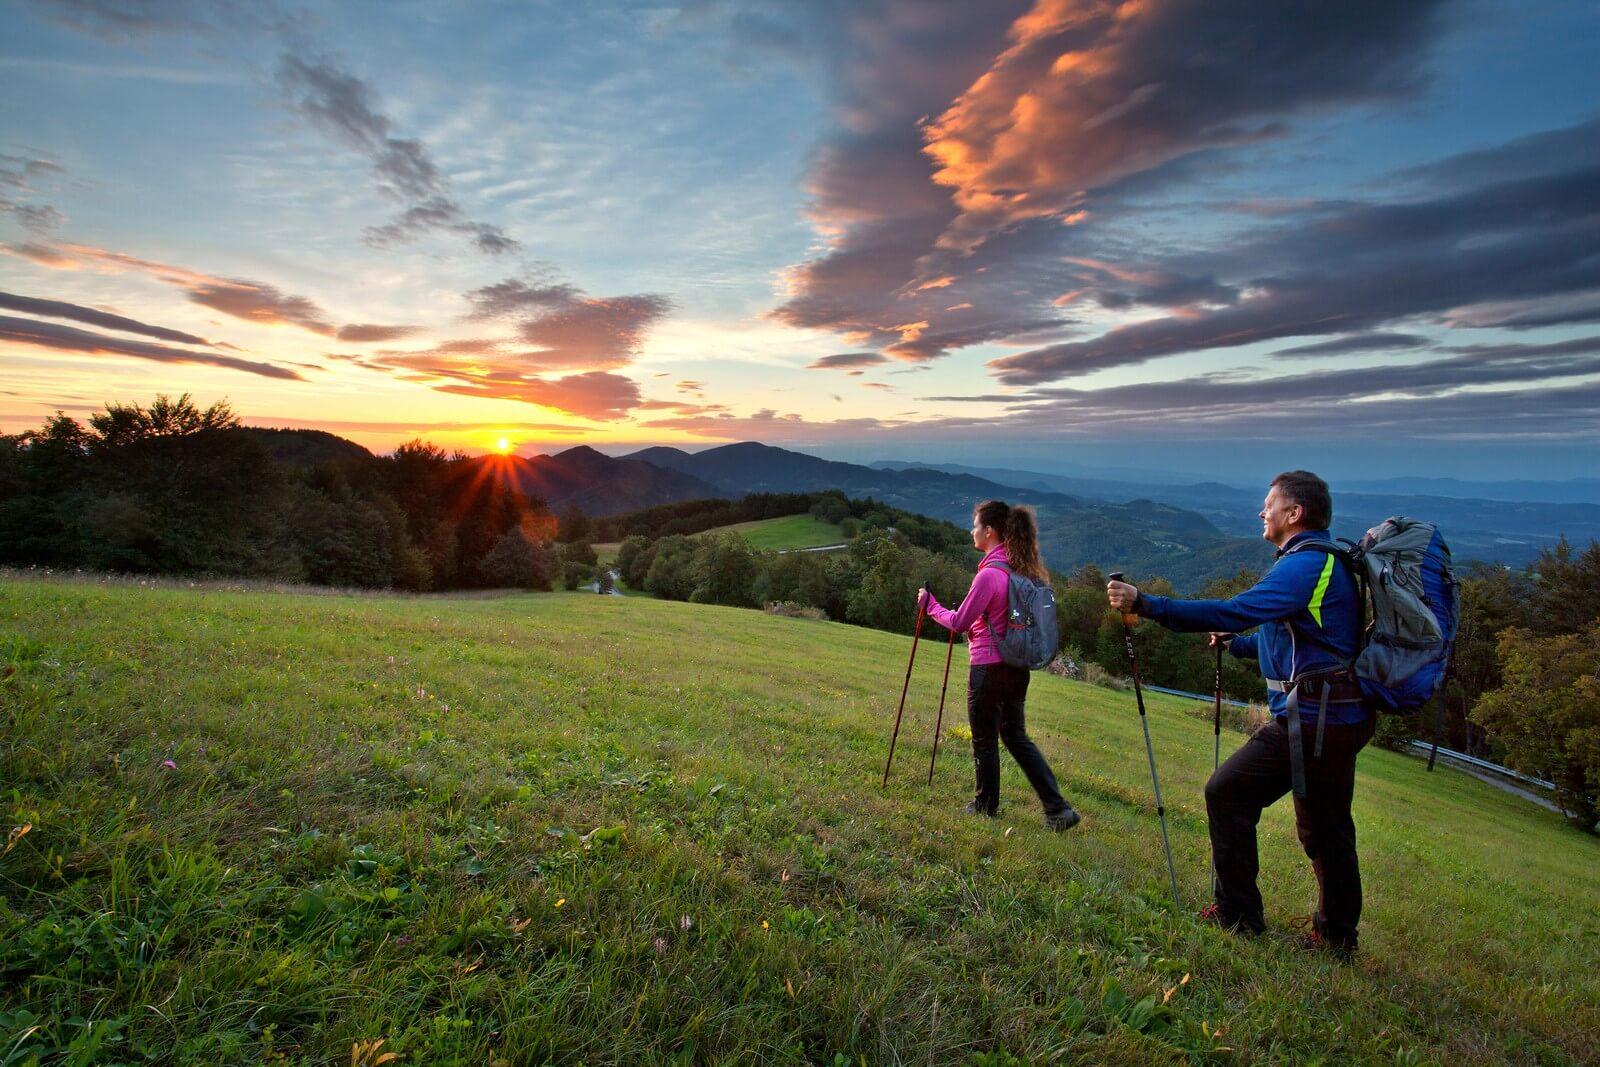 Namig za izlet v 2021: Lisca s čudovitim razgledom